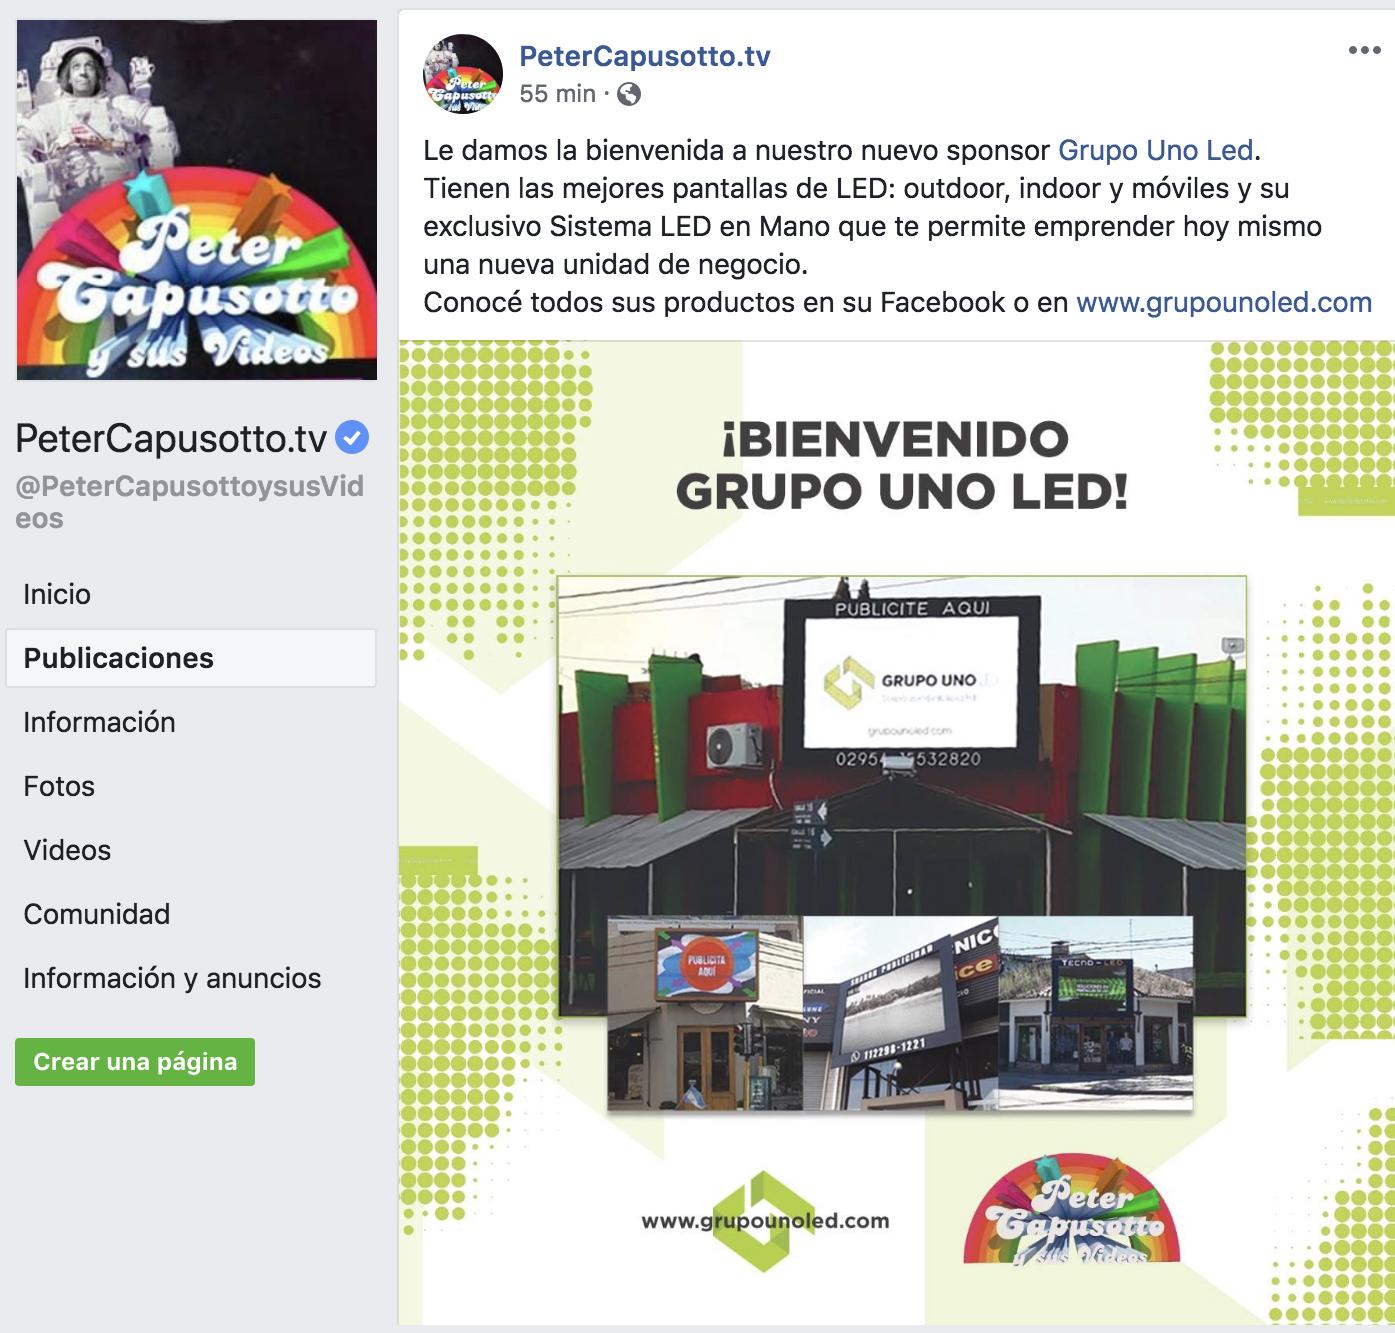 Grupo Uno LED nuevo sponsor del reconocido programa de Diego Capusotto.